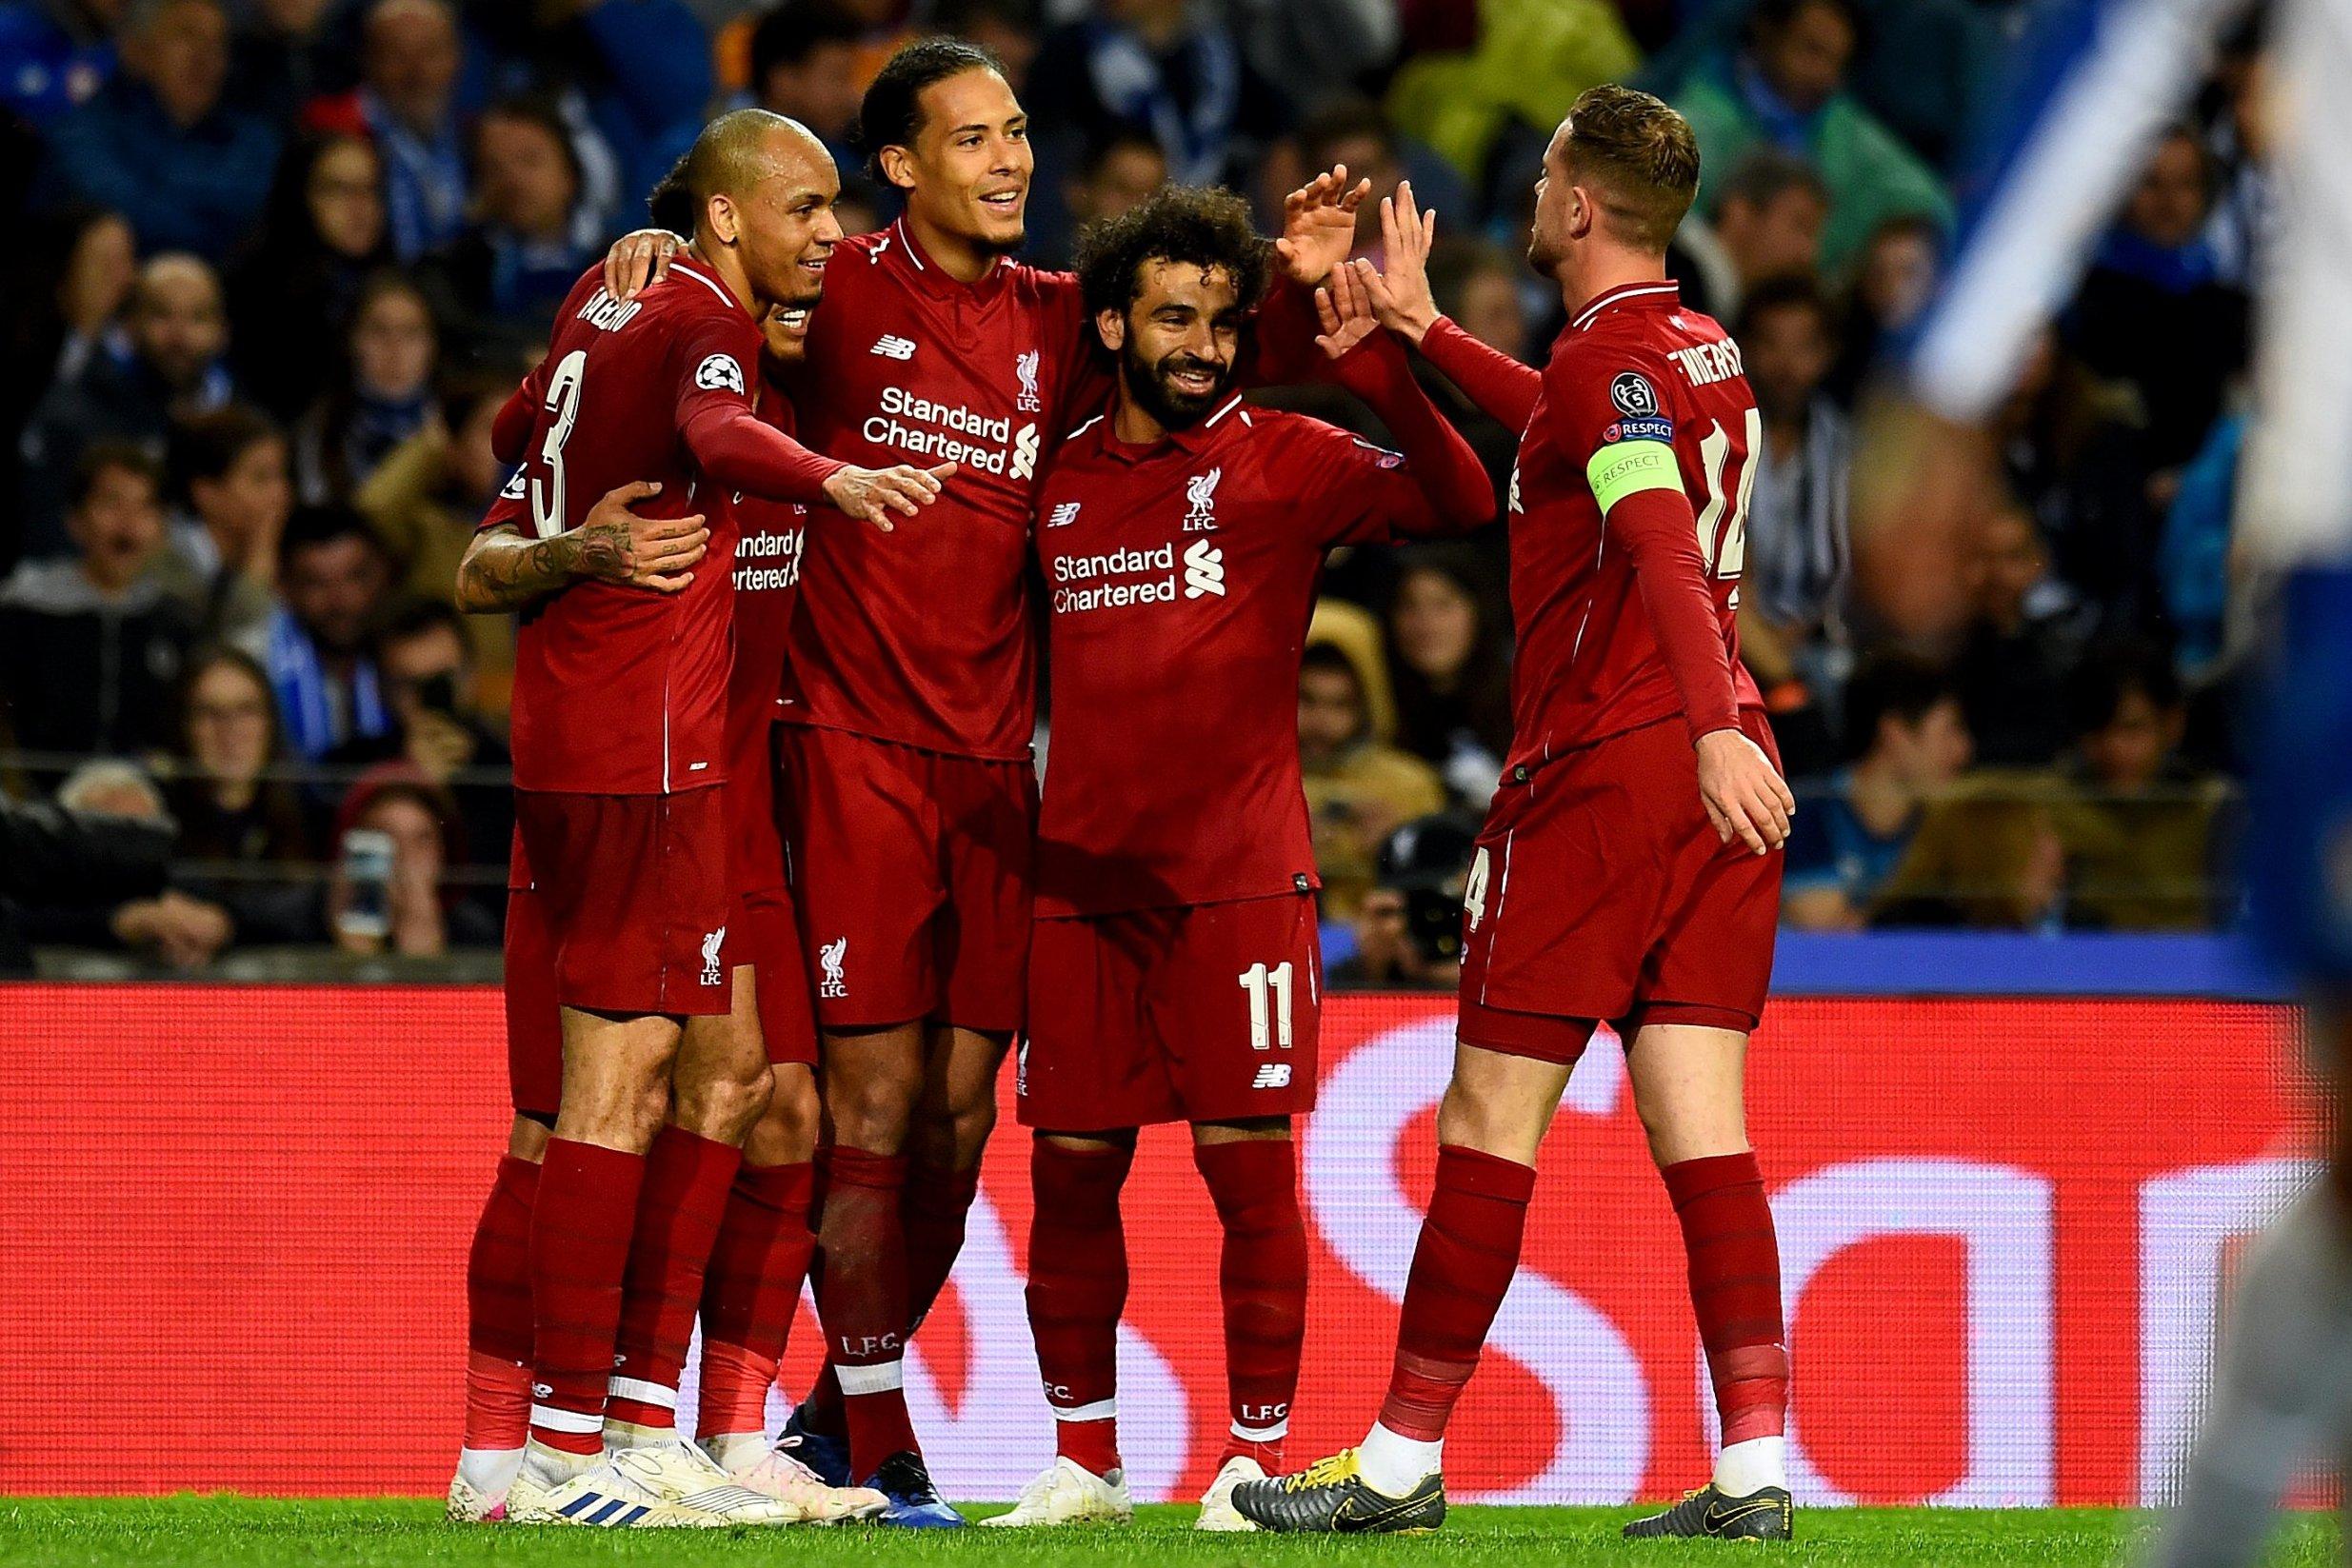 Fansat e Liverpool krijojnë një peticion për goditjen e dënimit të Mesit